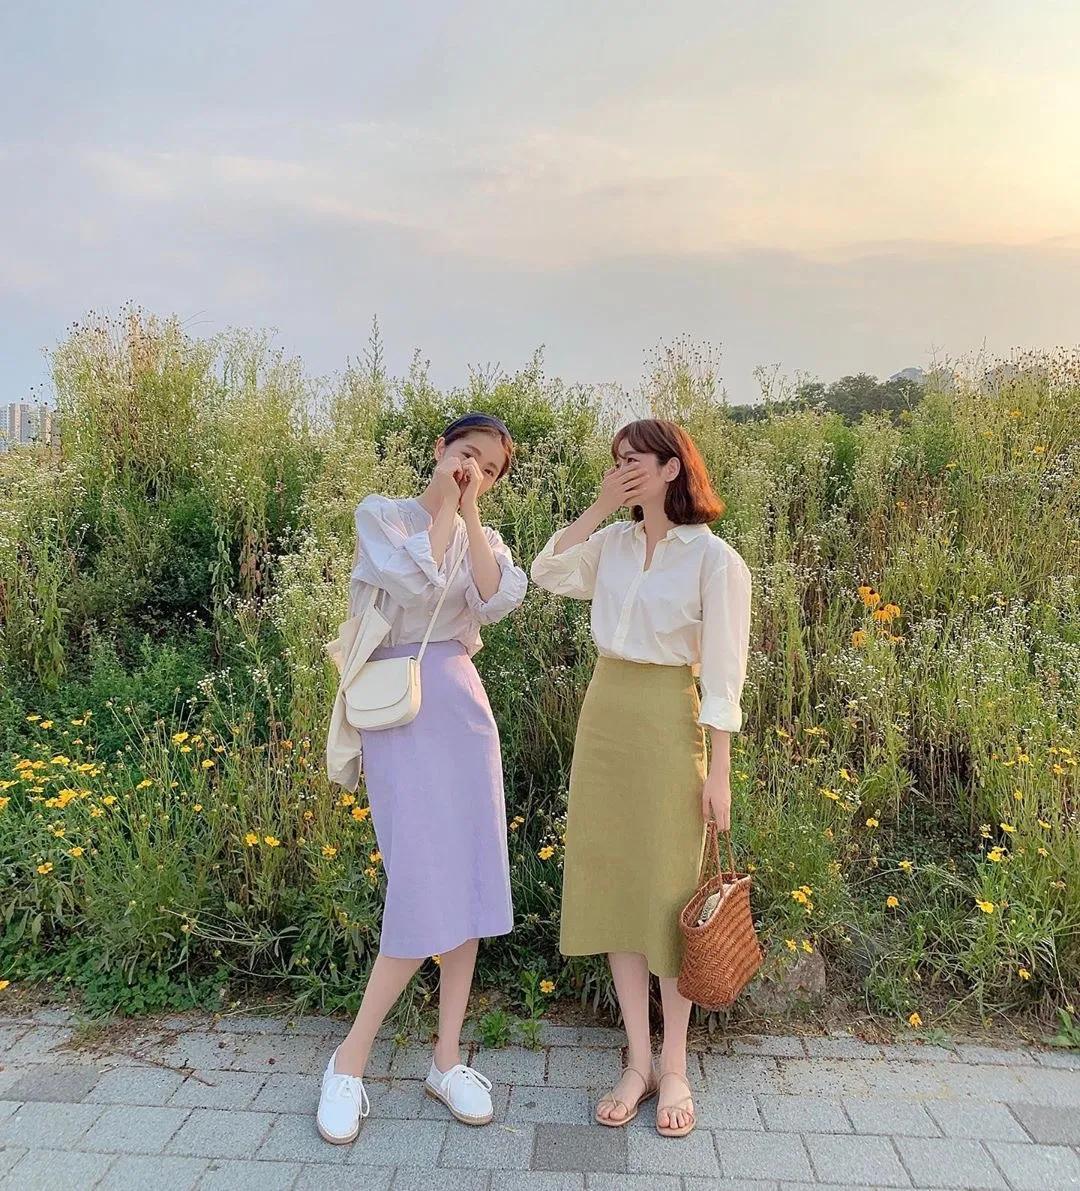 她俩也学倪妮刘诗诗了?真闺蜜还是塑料花?拍个照就知道了...